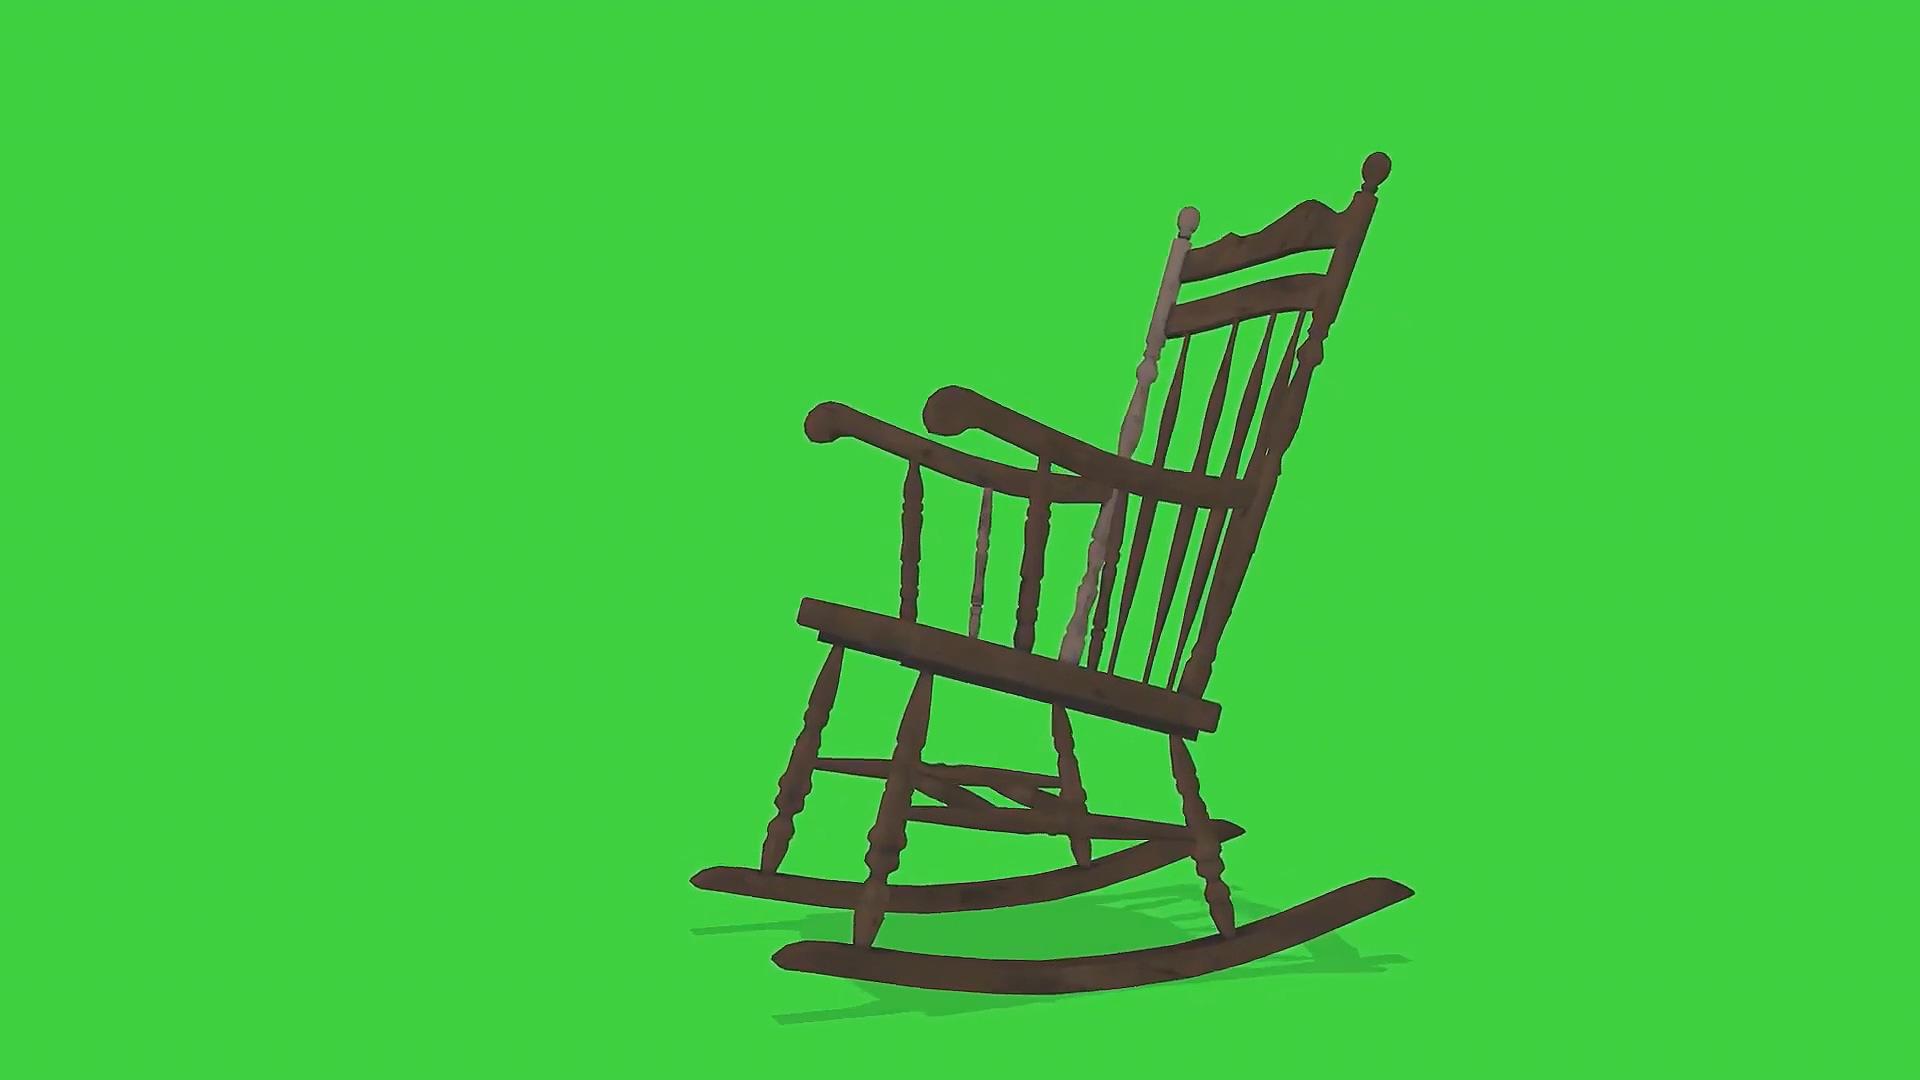 绿屏抠像摇椅